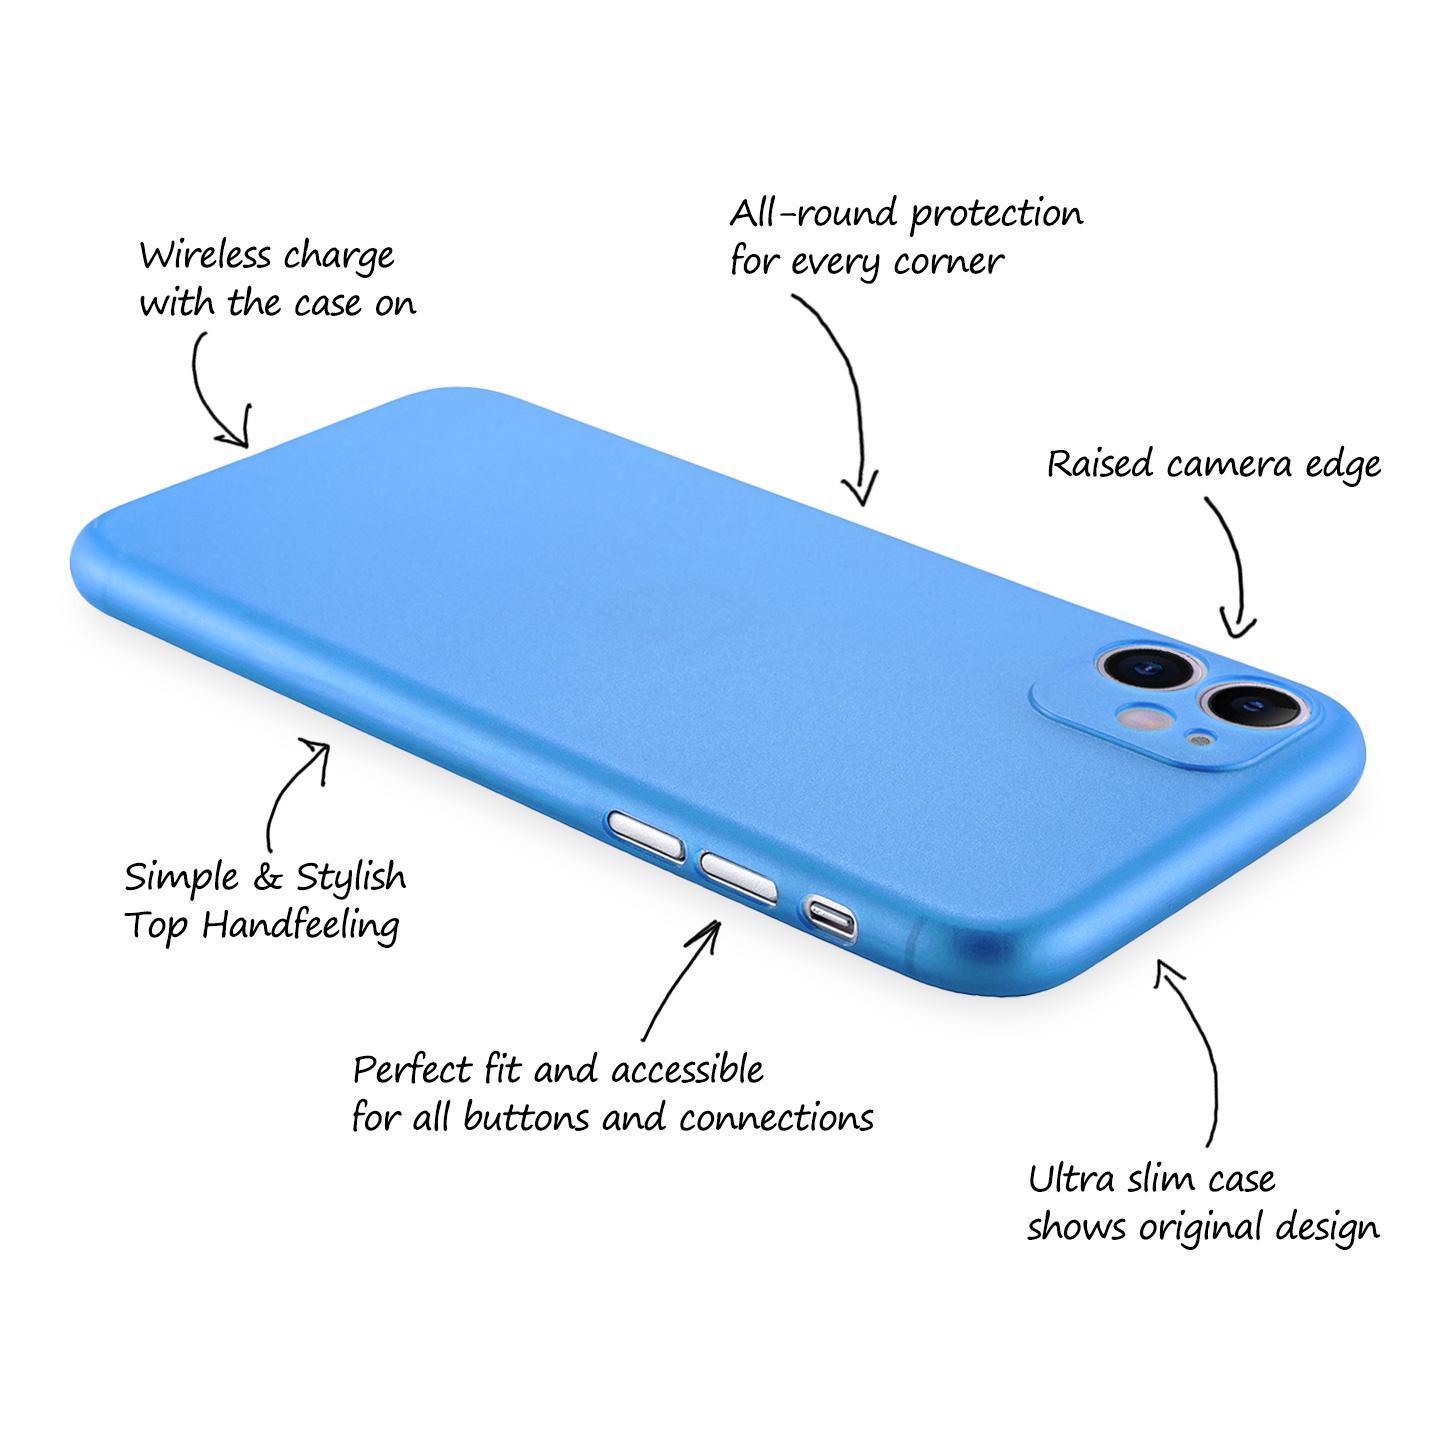 Ultra-Slim-Case-iPhone-11-6-1-034-Matt-Clear-Schutz-Huelle-Skin-Cover-Tasche-Folie Indexbild 26